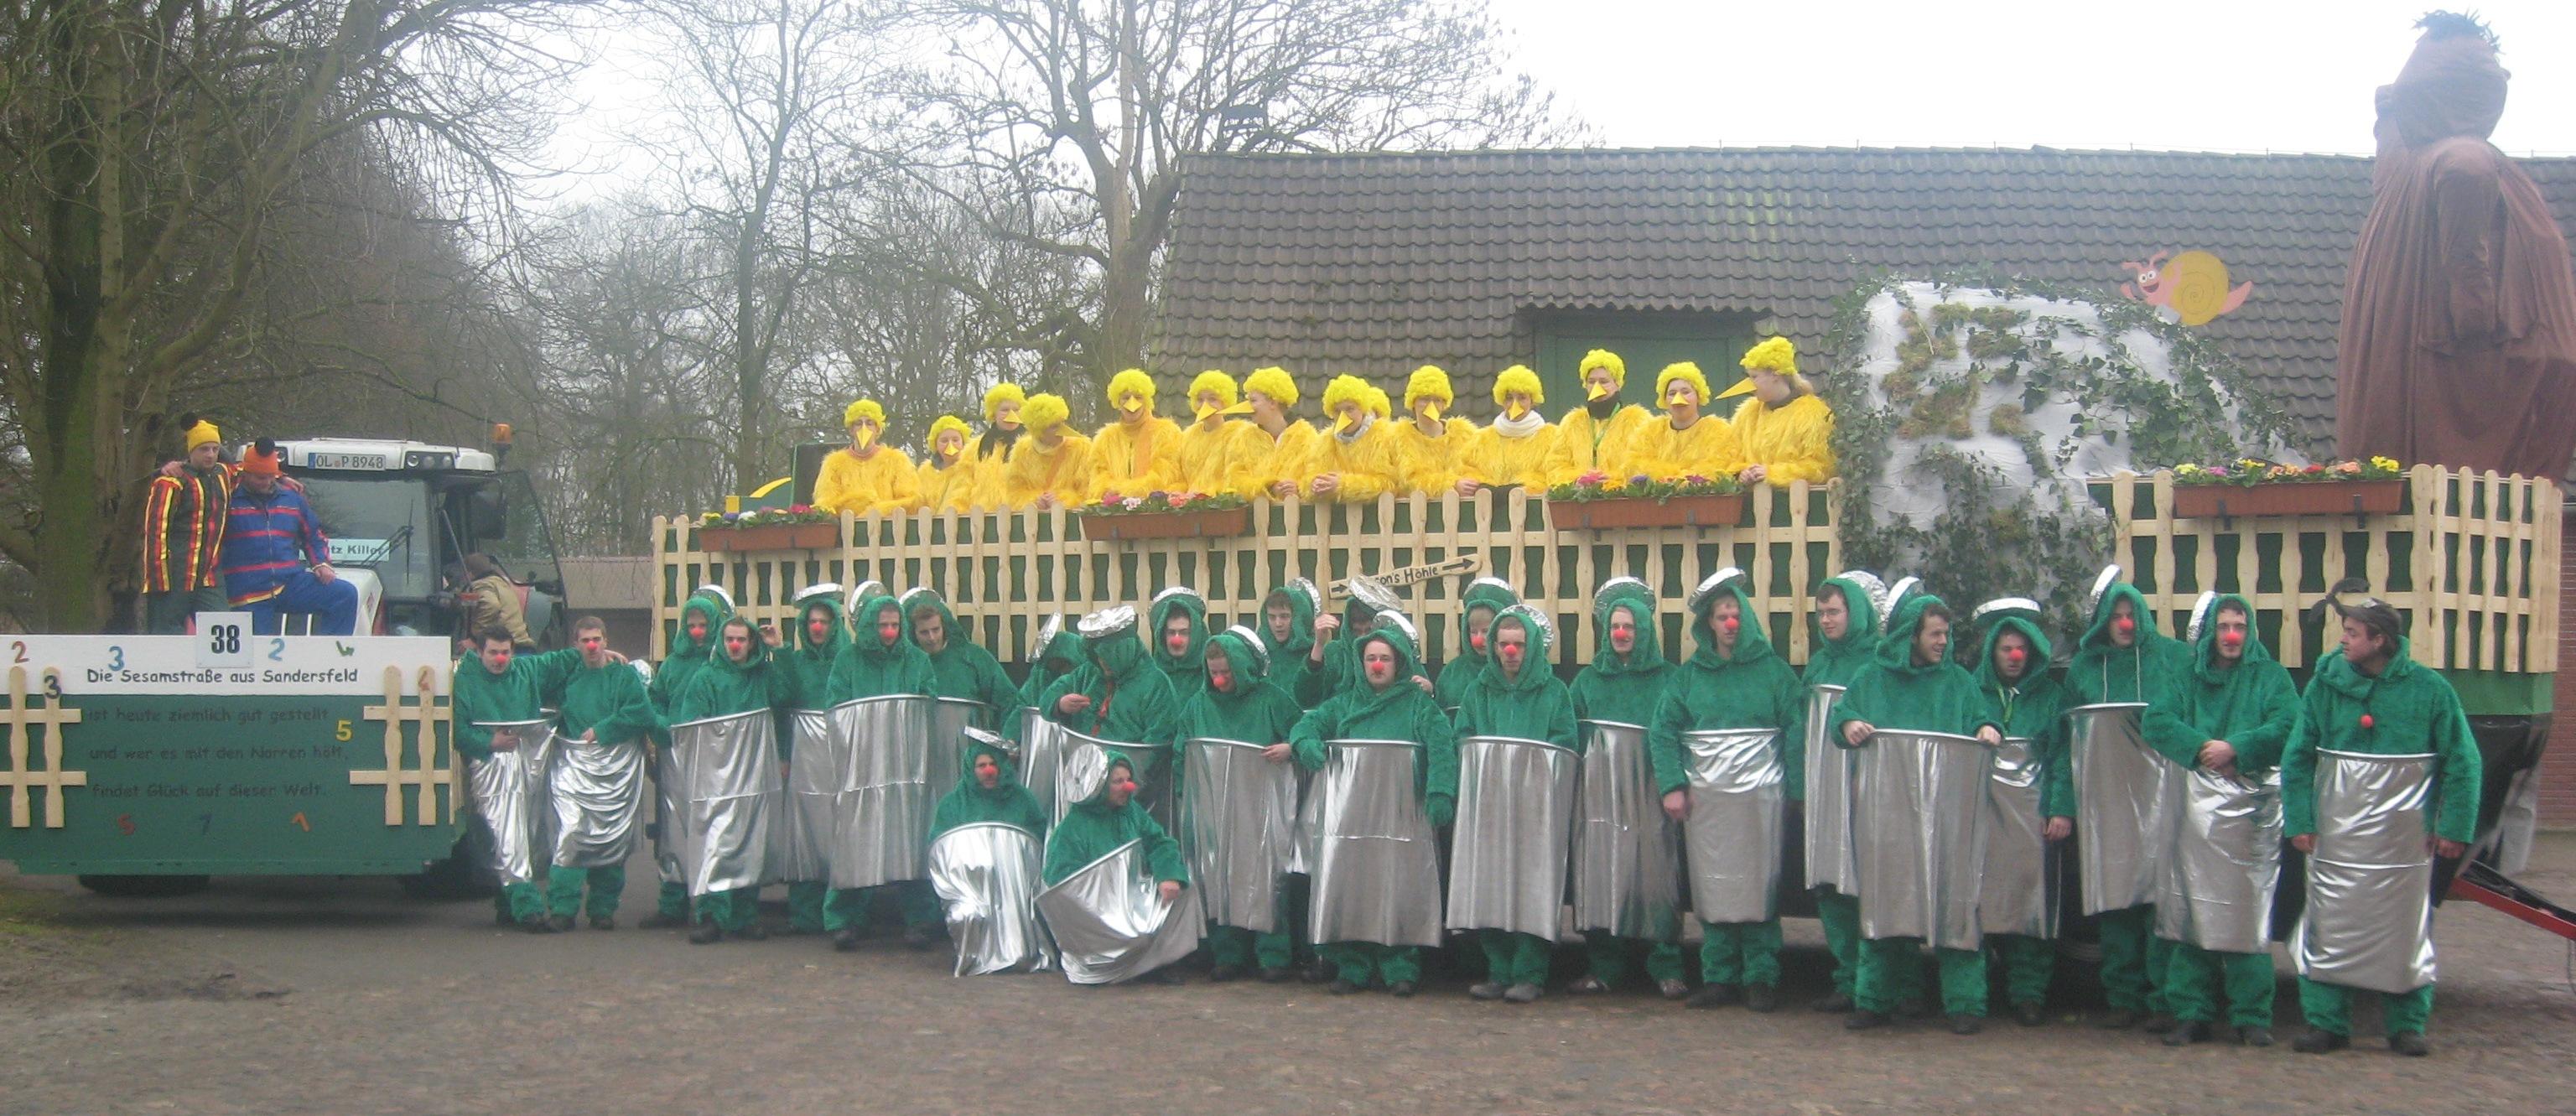 sesamstrasse 2009